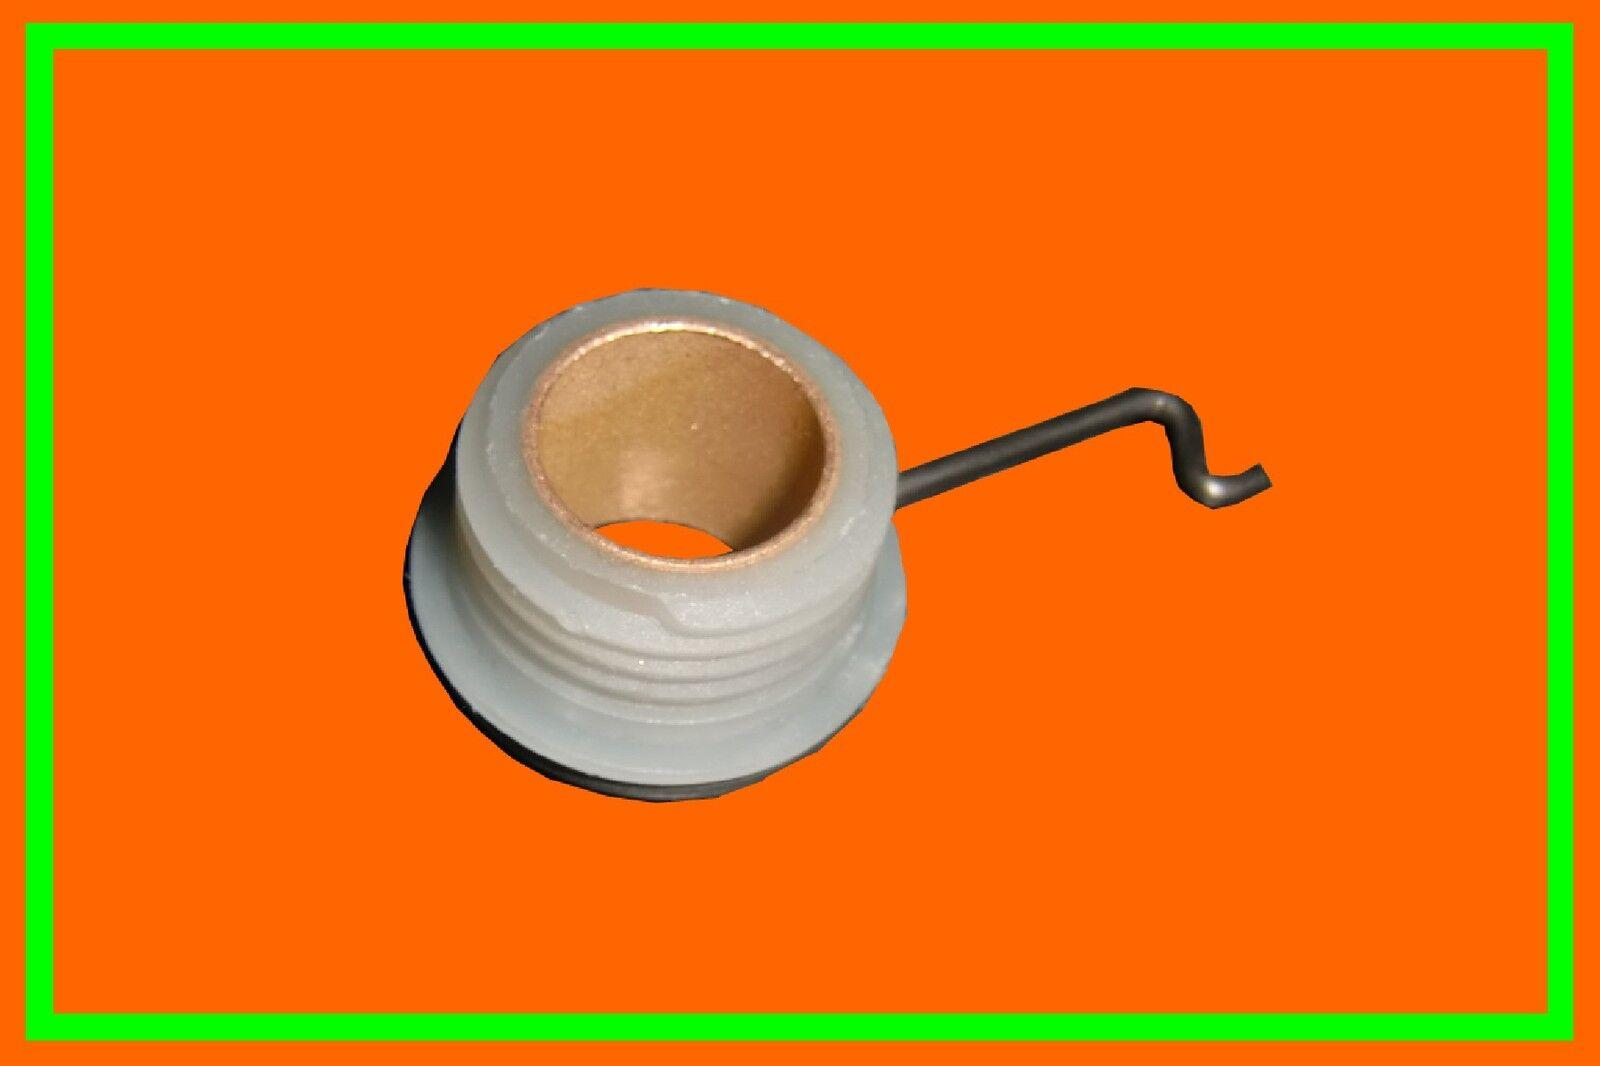 MS360 MS340 036 Schnecke für Ölpumpe // Ölpumpenantrieb für Stihl 029 034